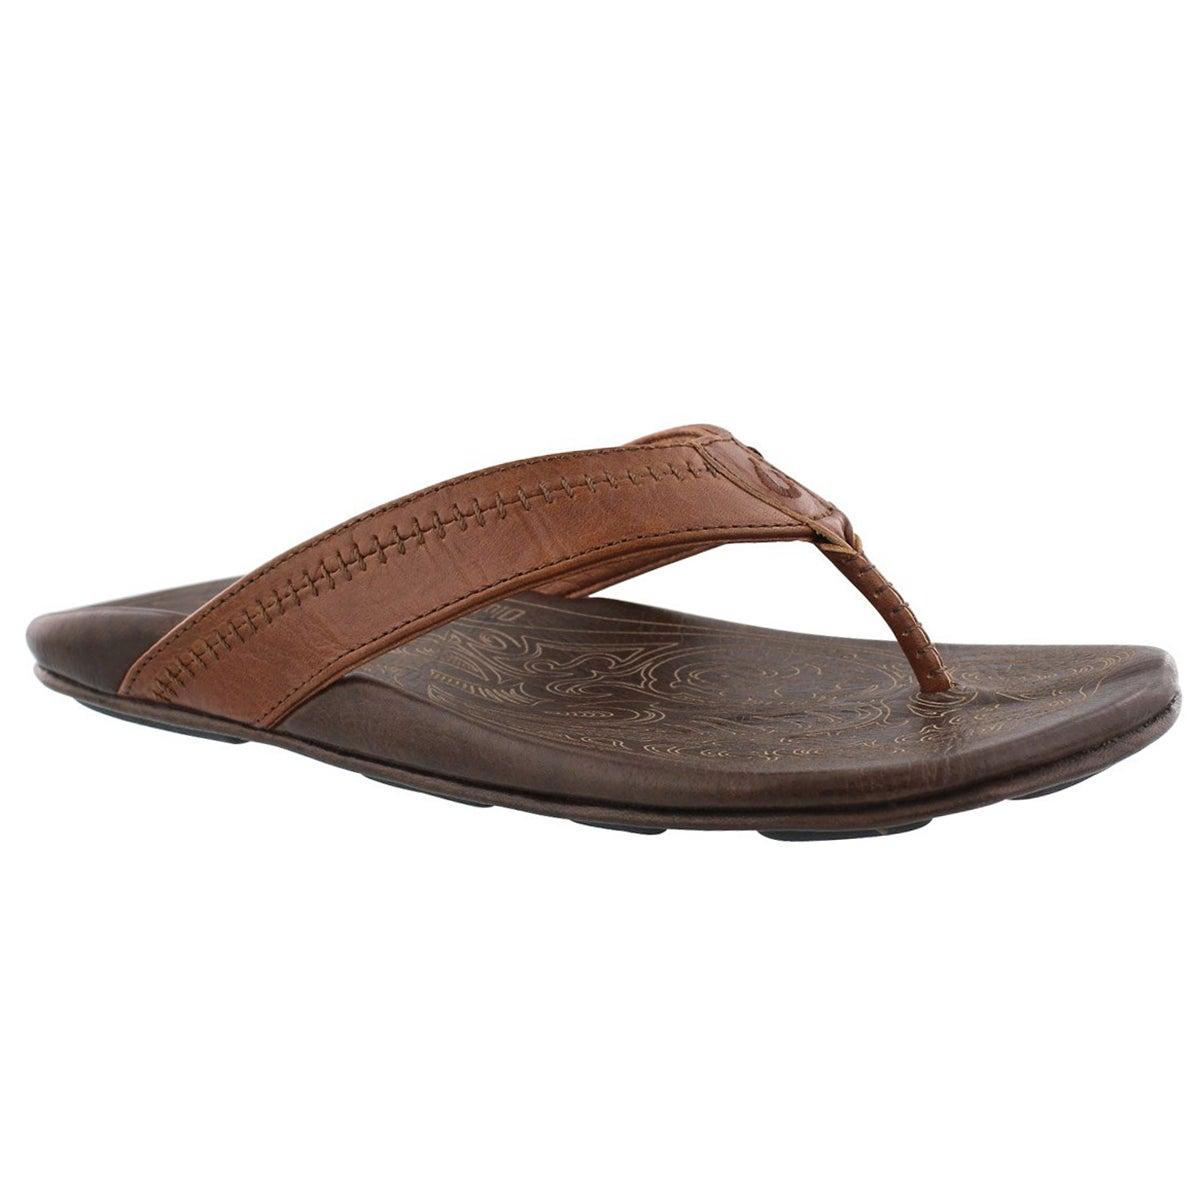 Men's HIAPO rum/dark lava thong sandals